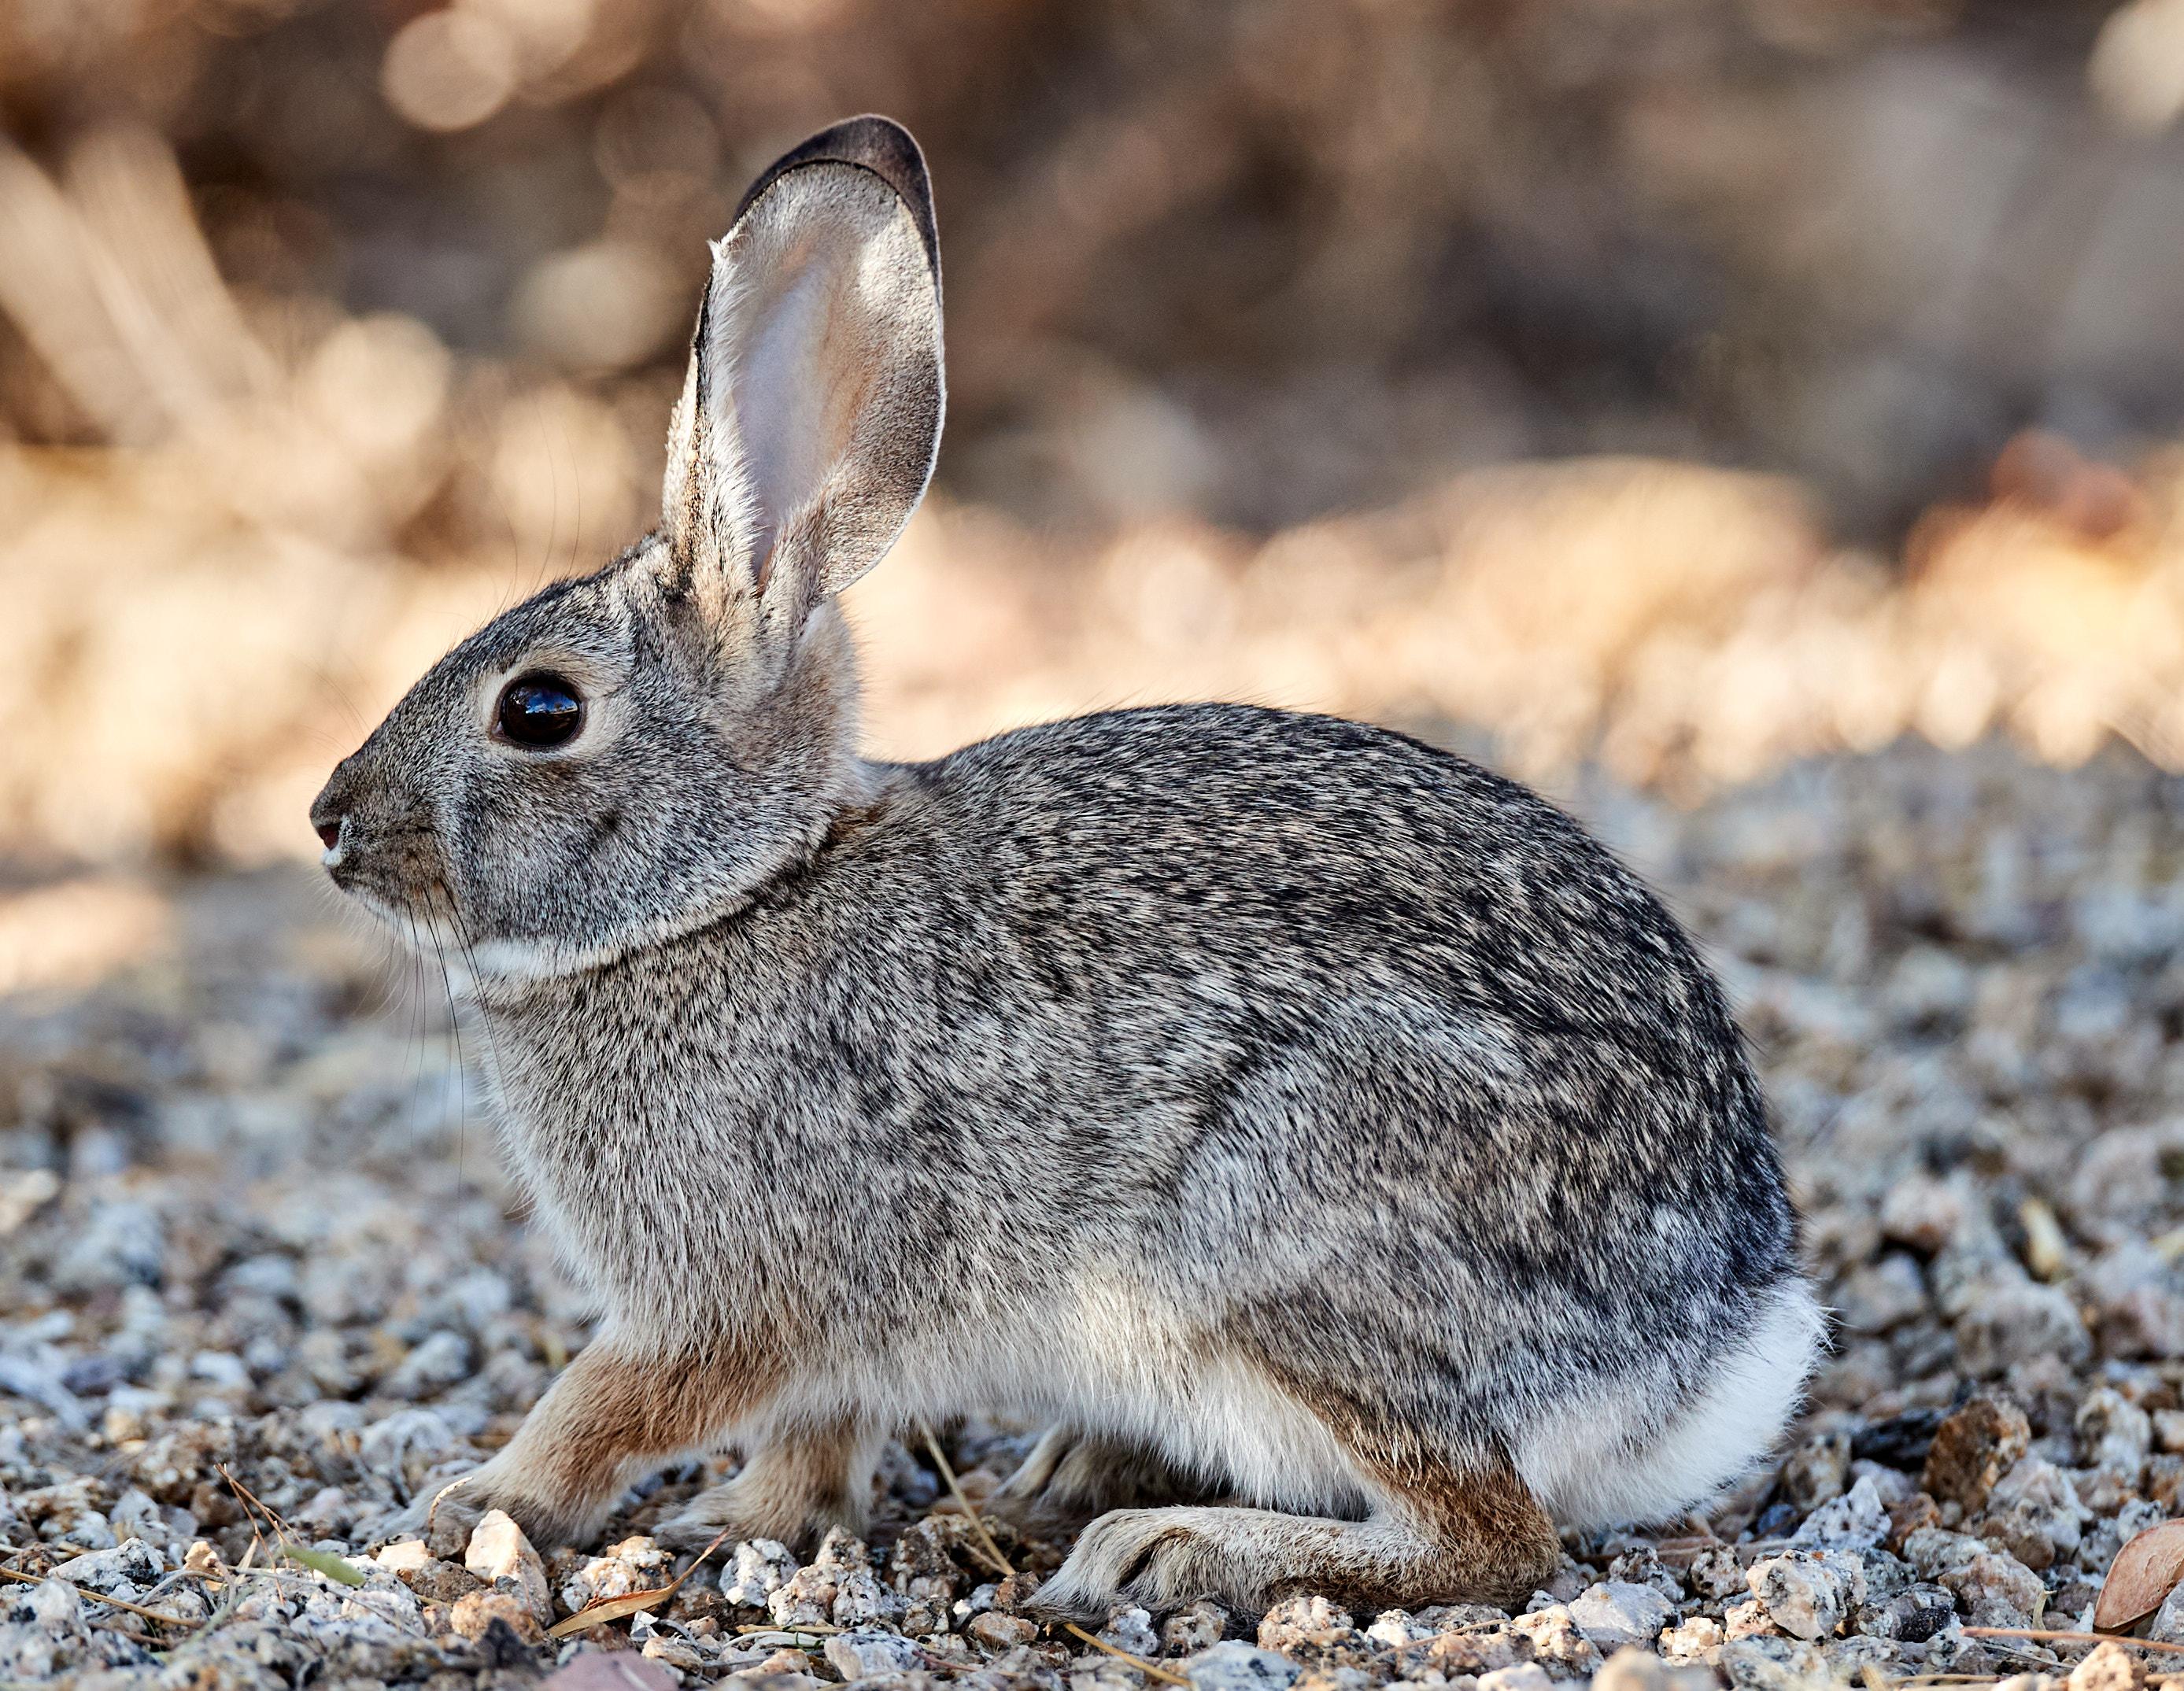 92830 скачать обои Животные, Кролик, Животное, Серый, Дикий - заставки и картинки бесплатно